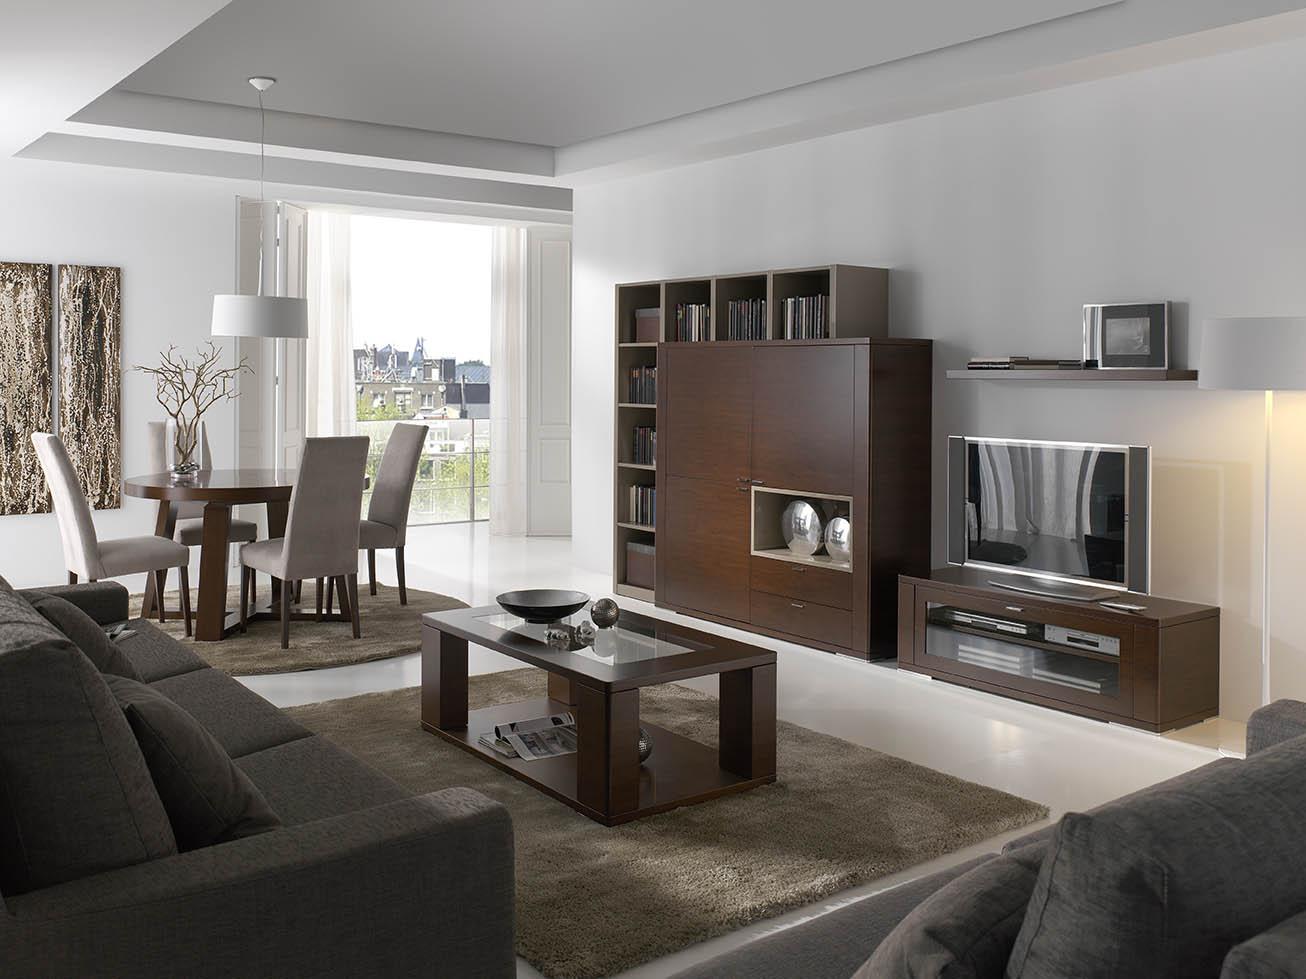 Se venden muebles buenos si creaciones loyra blog - Muebles de decoracion modernos ...